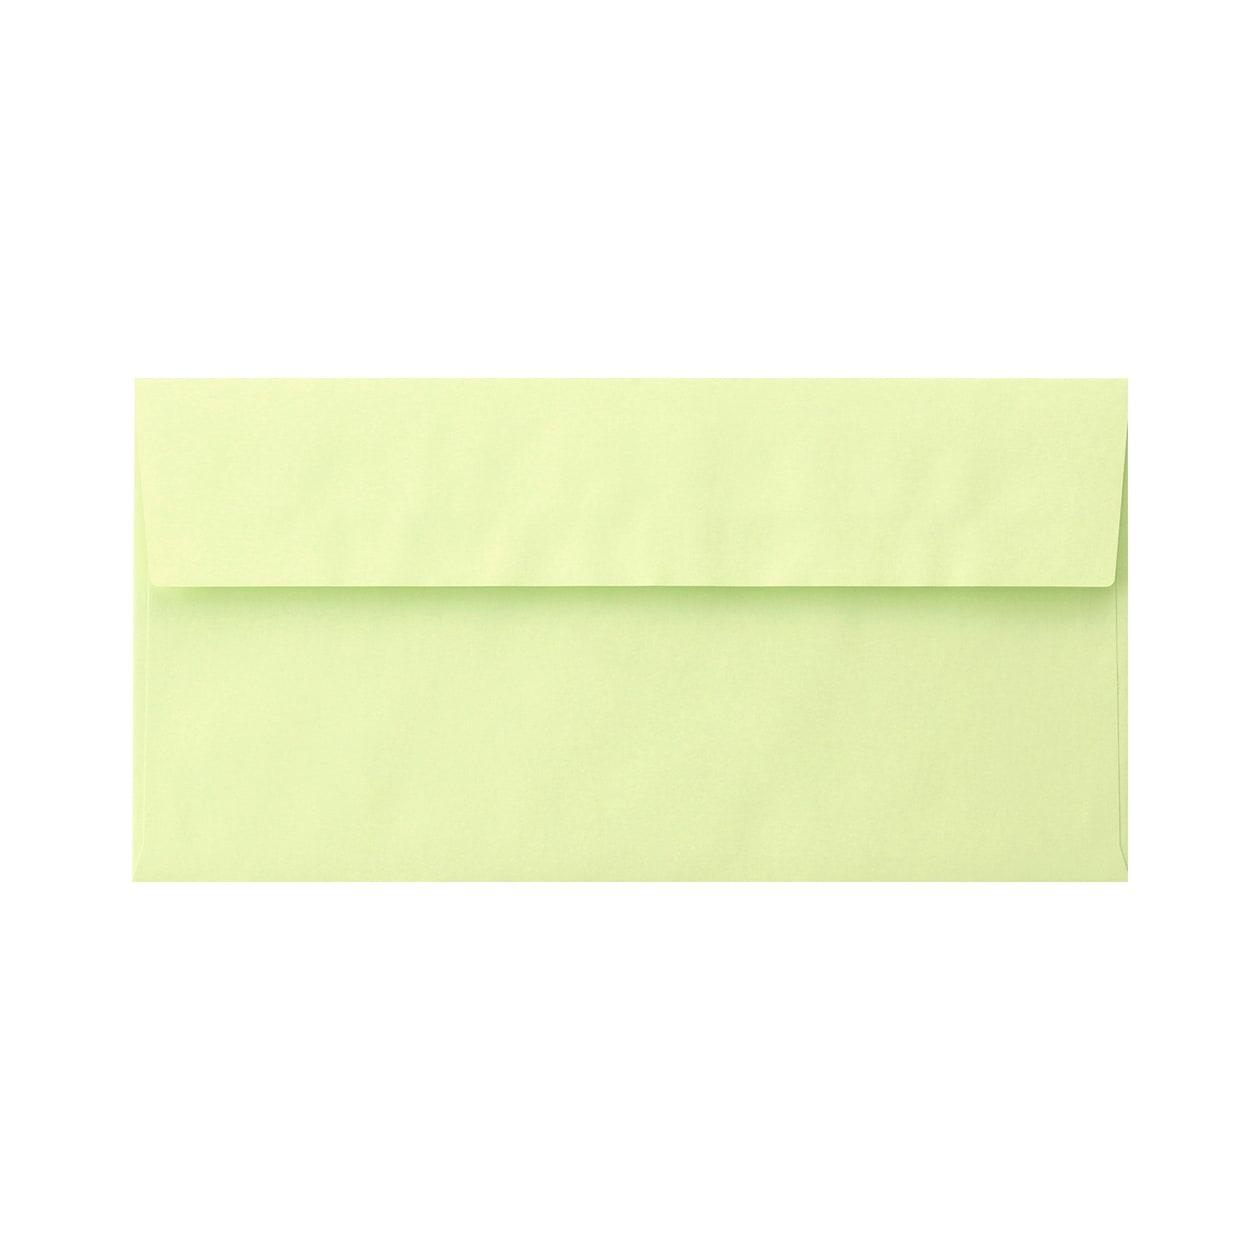 長3カマス封筒 エコフレンドリーカラー リーフグリーン 100g